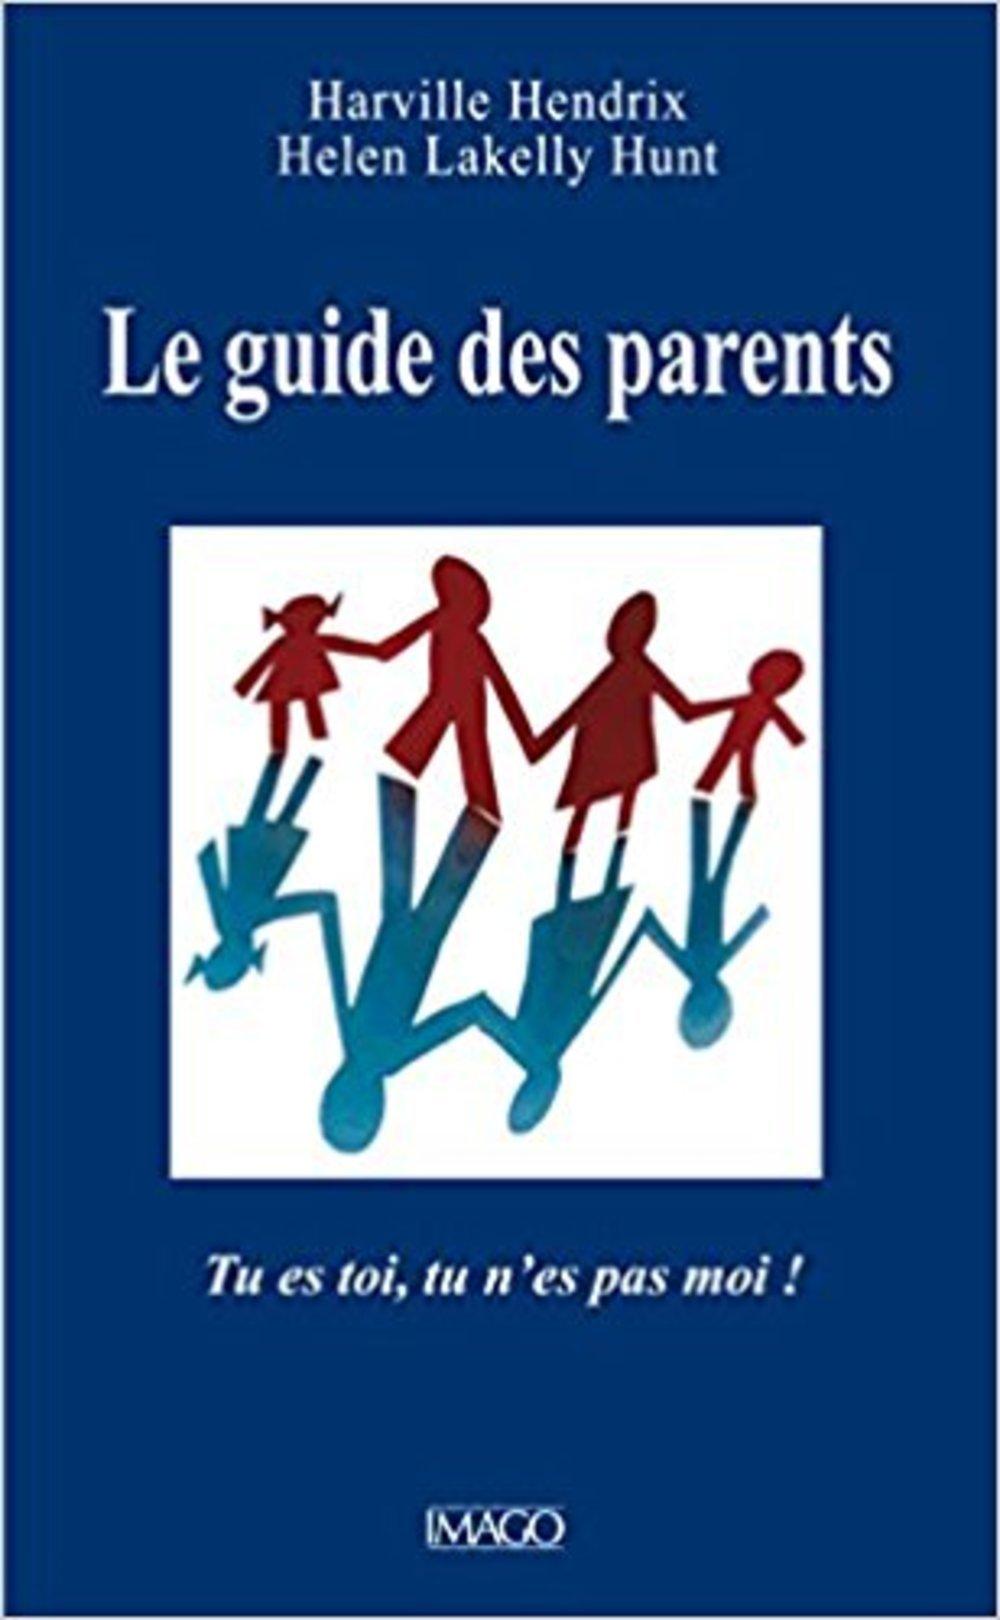 Livre le guide des parents